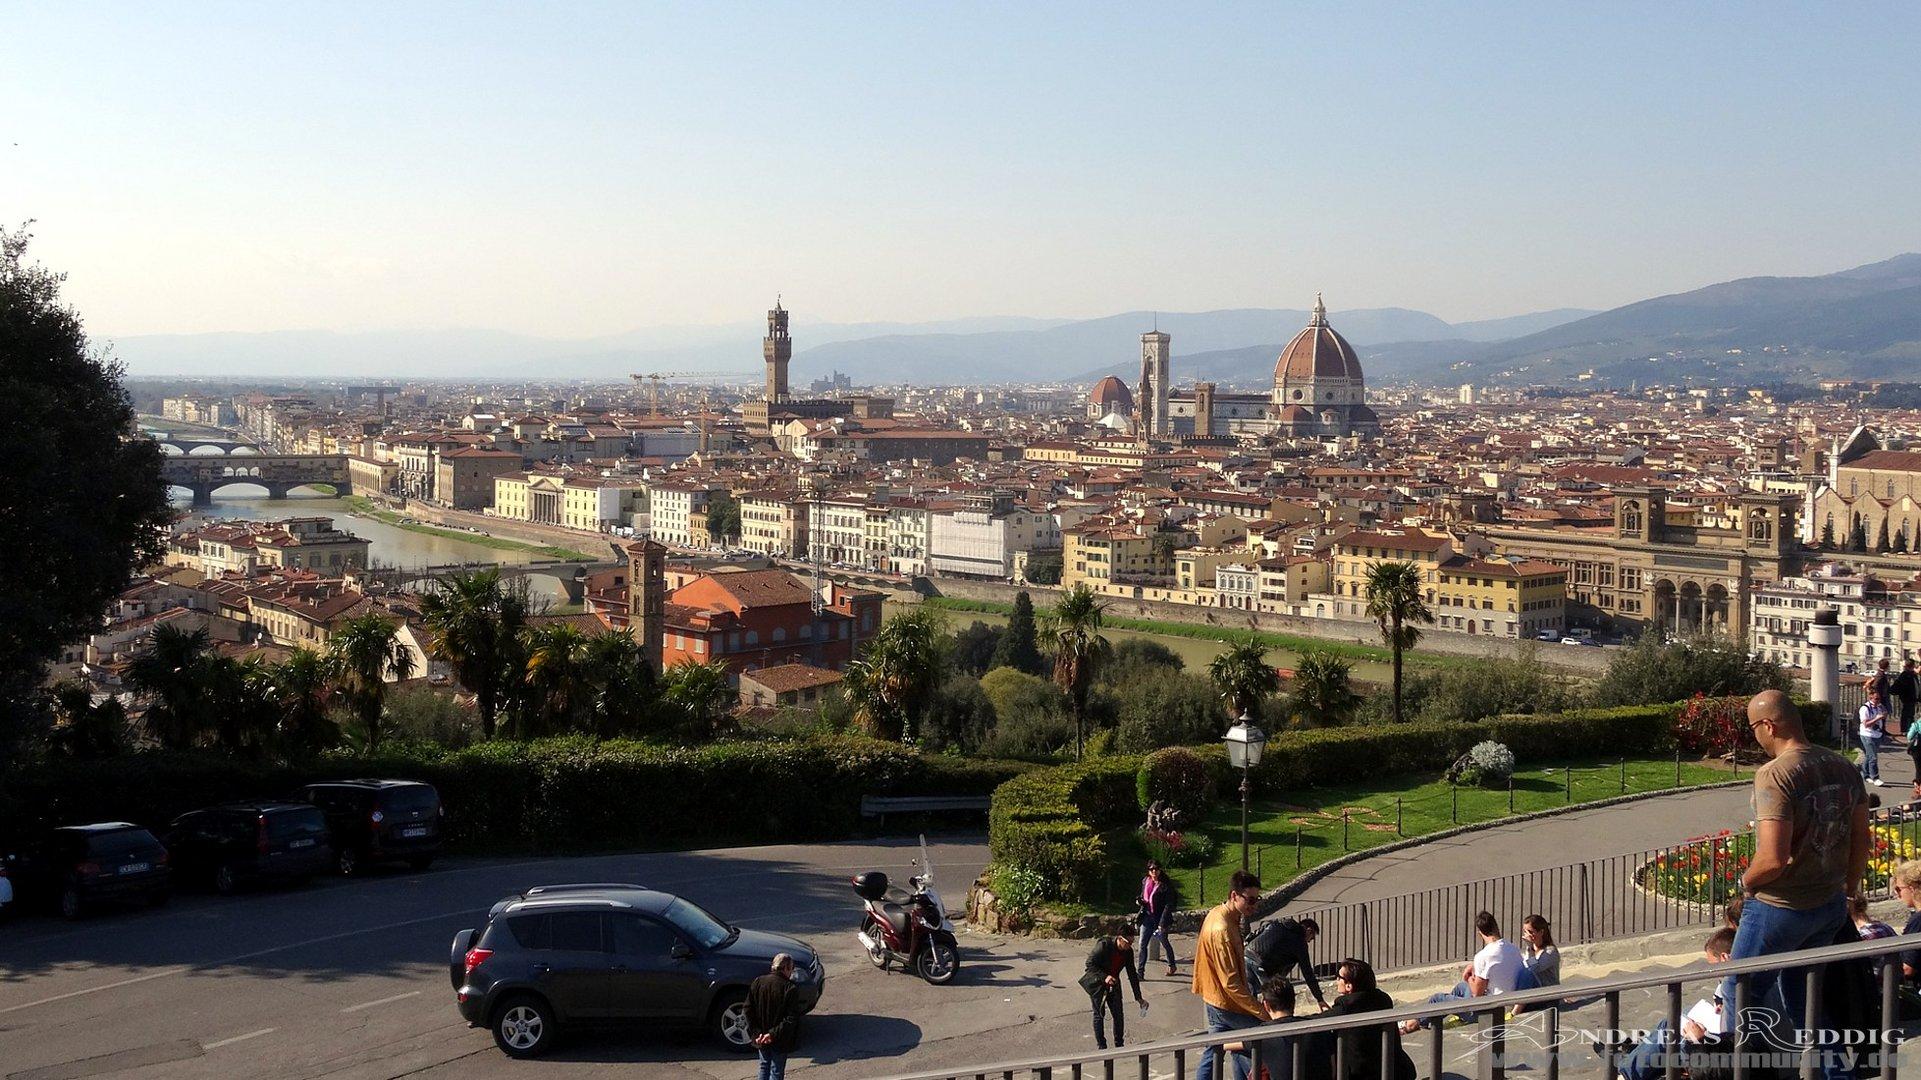 Stadtansicht von Florenz - 09.04.2015